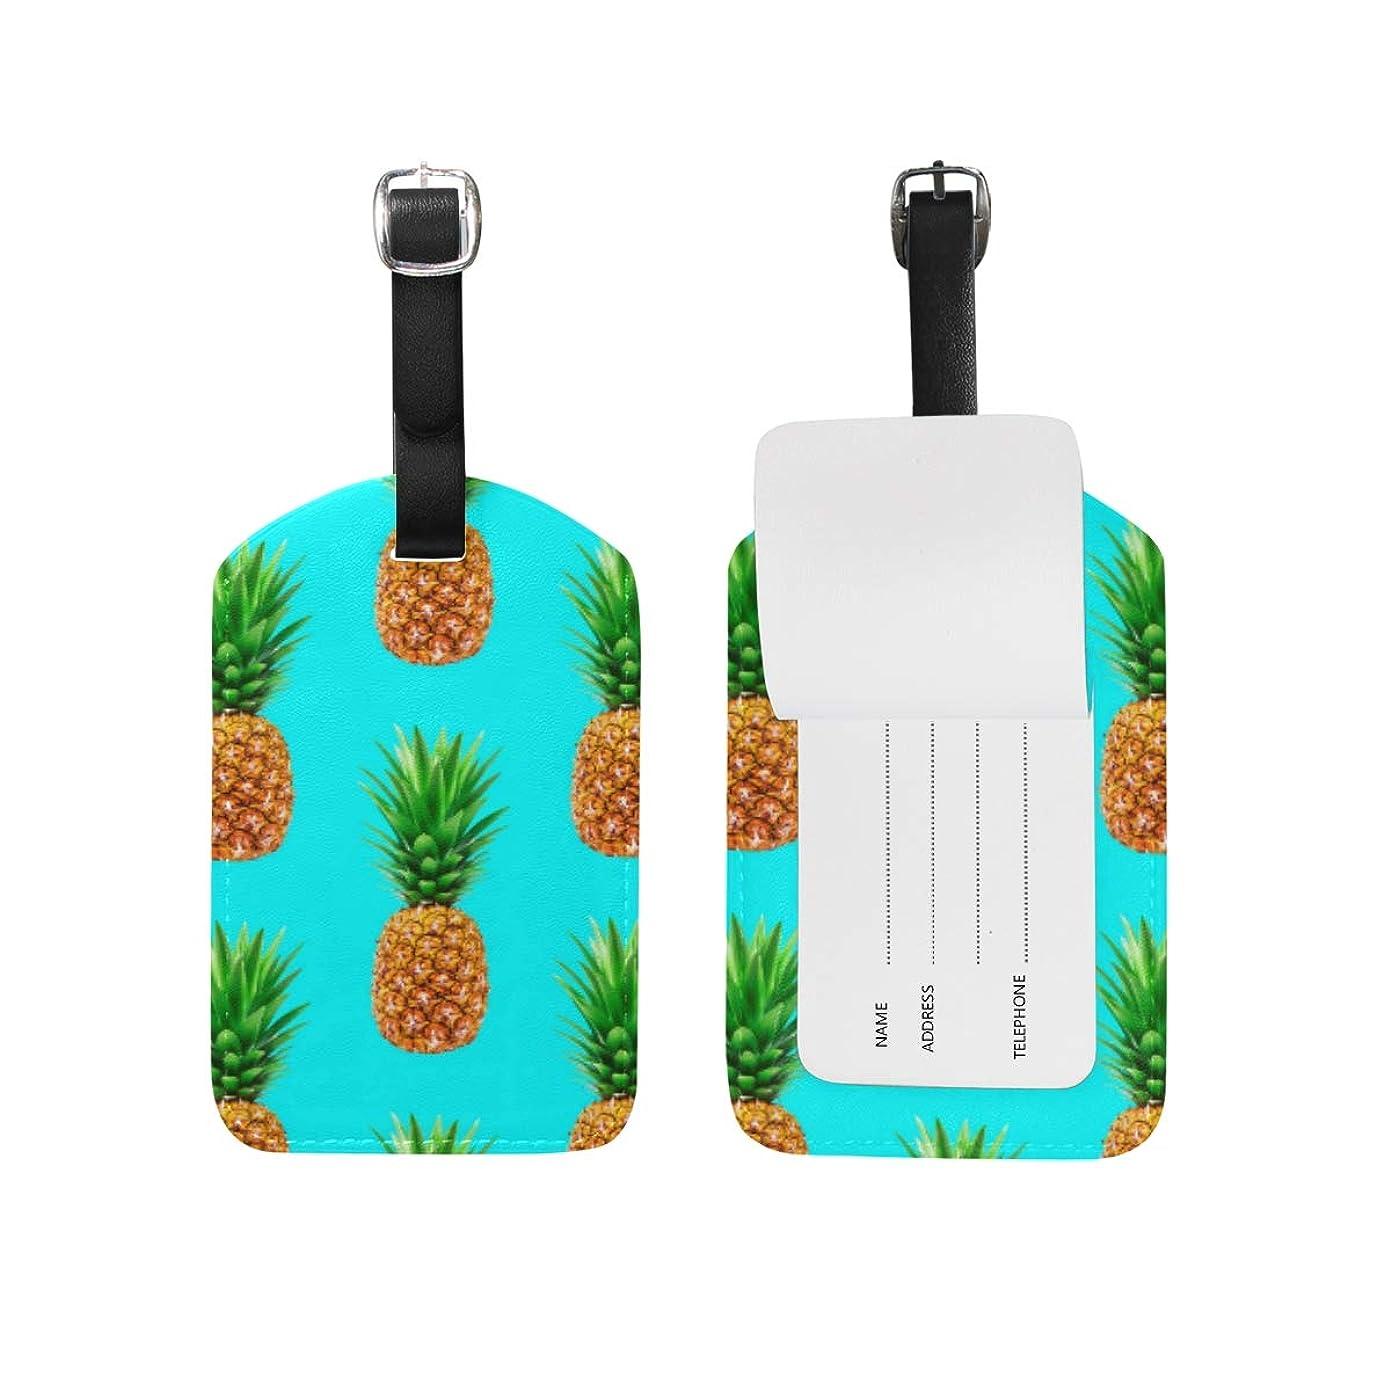 効能周囲マラソンパイナップルアート荷物をトランクラベルリュックサックスーツケース キッズ ジュニアID 旅行用品(2pcs)